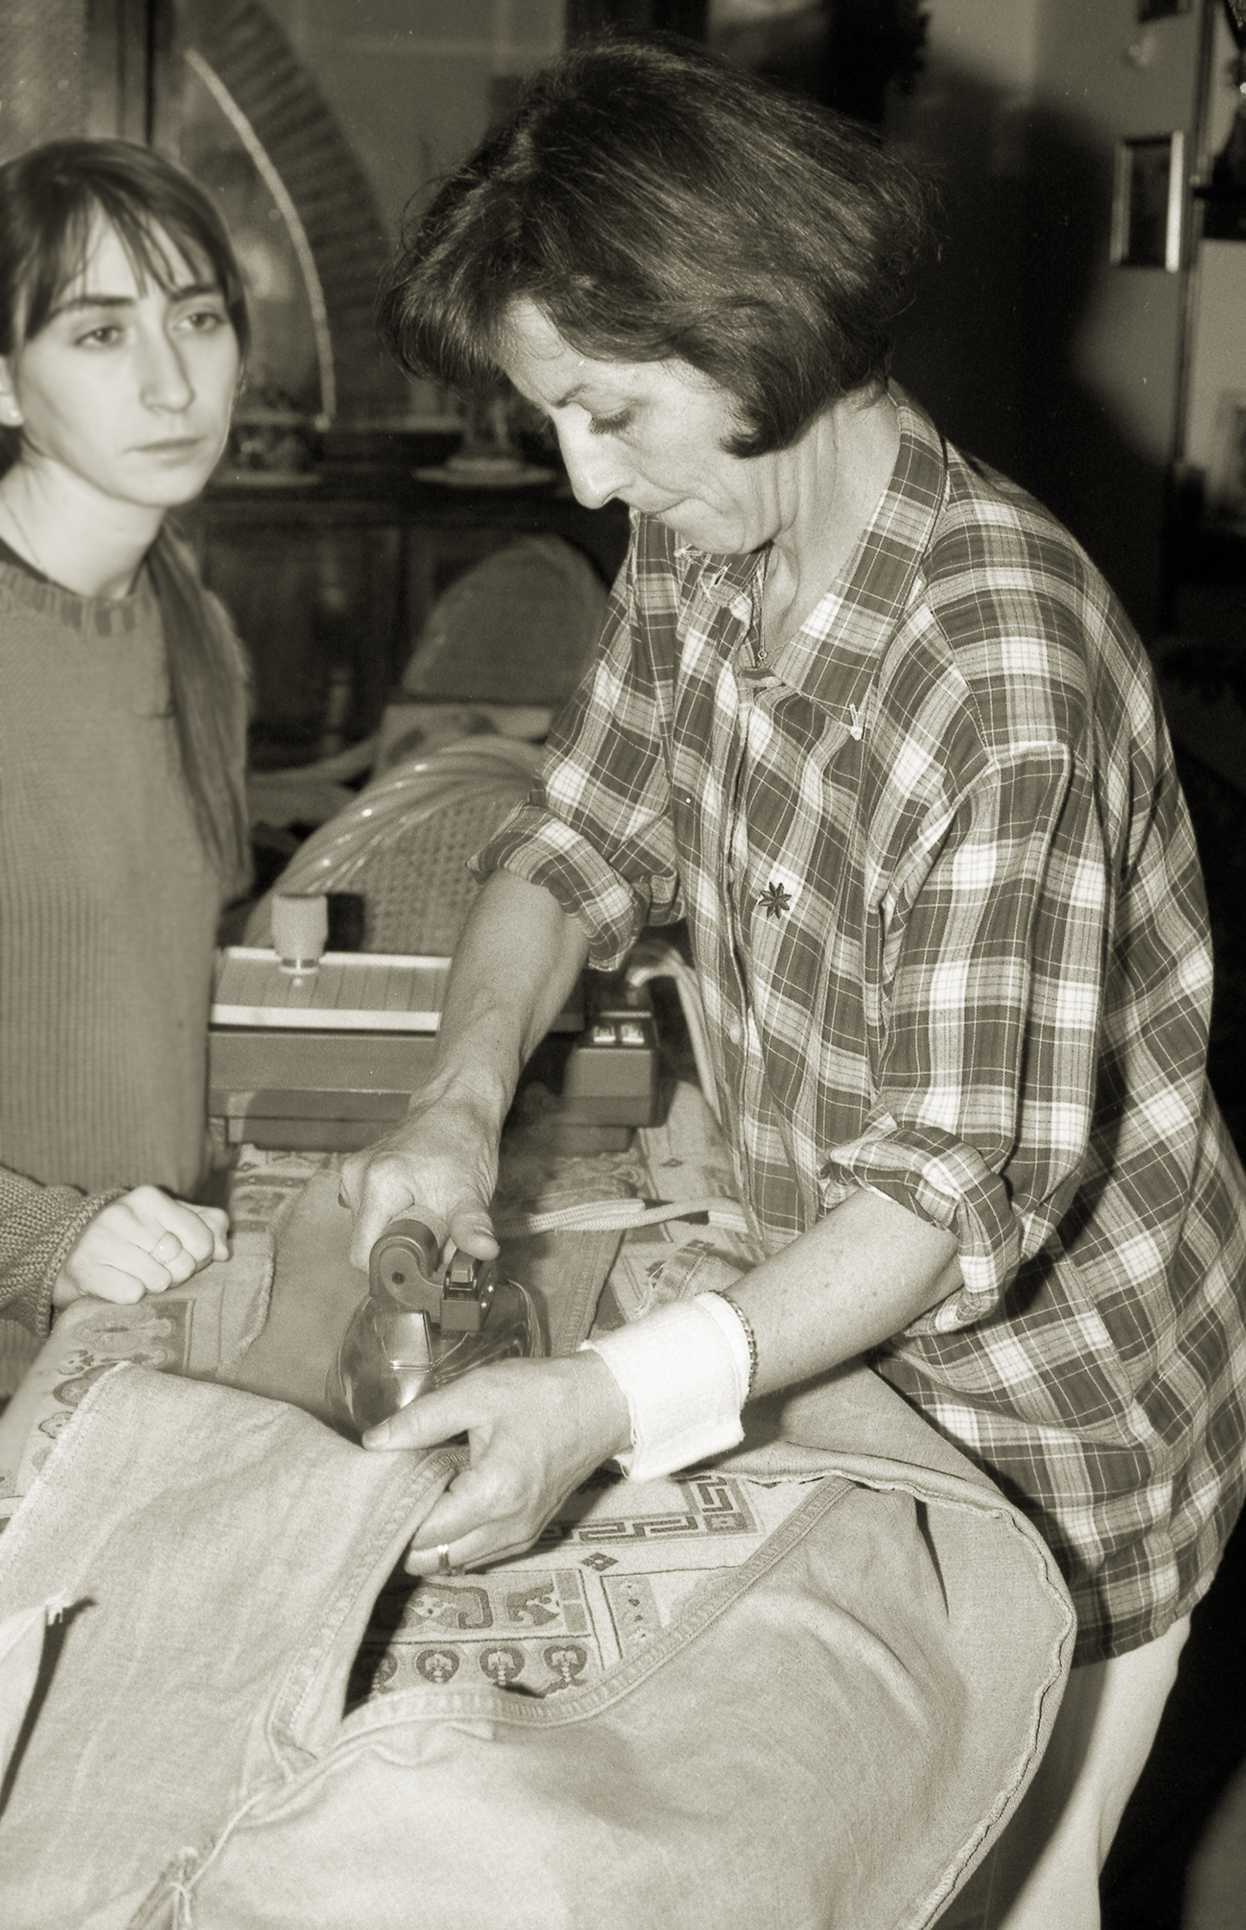 Moira Ricci, Mamma stira, della serie 20.12.53-10.08.04, 2004-2014, stampa Lambda, 20 x 14 cm